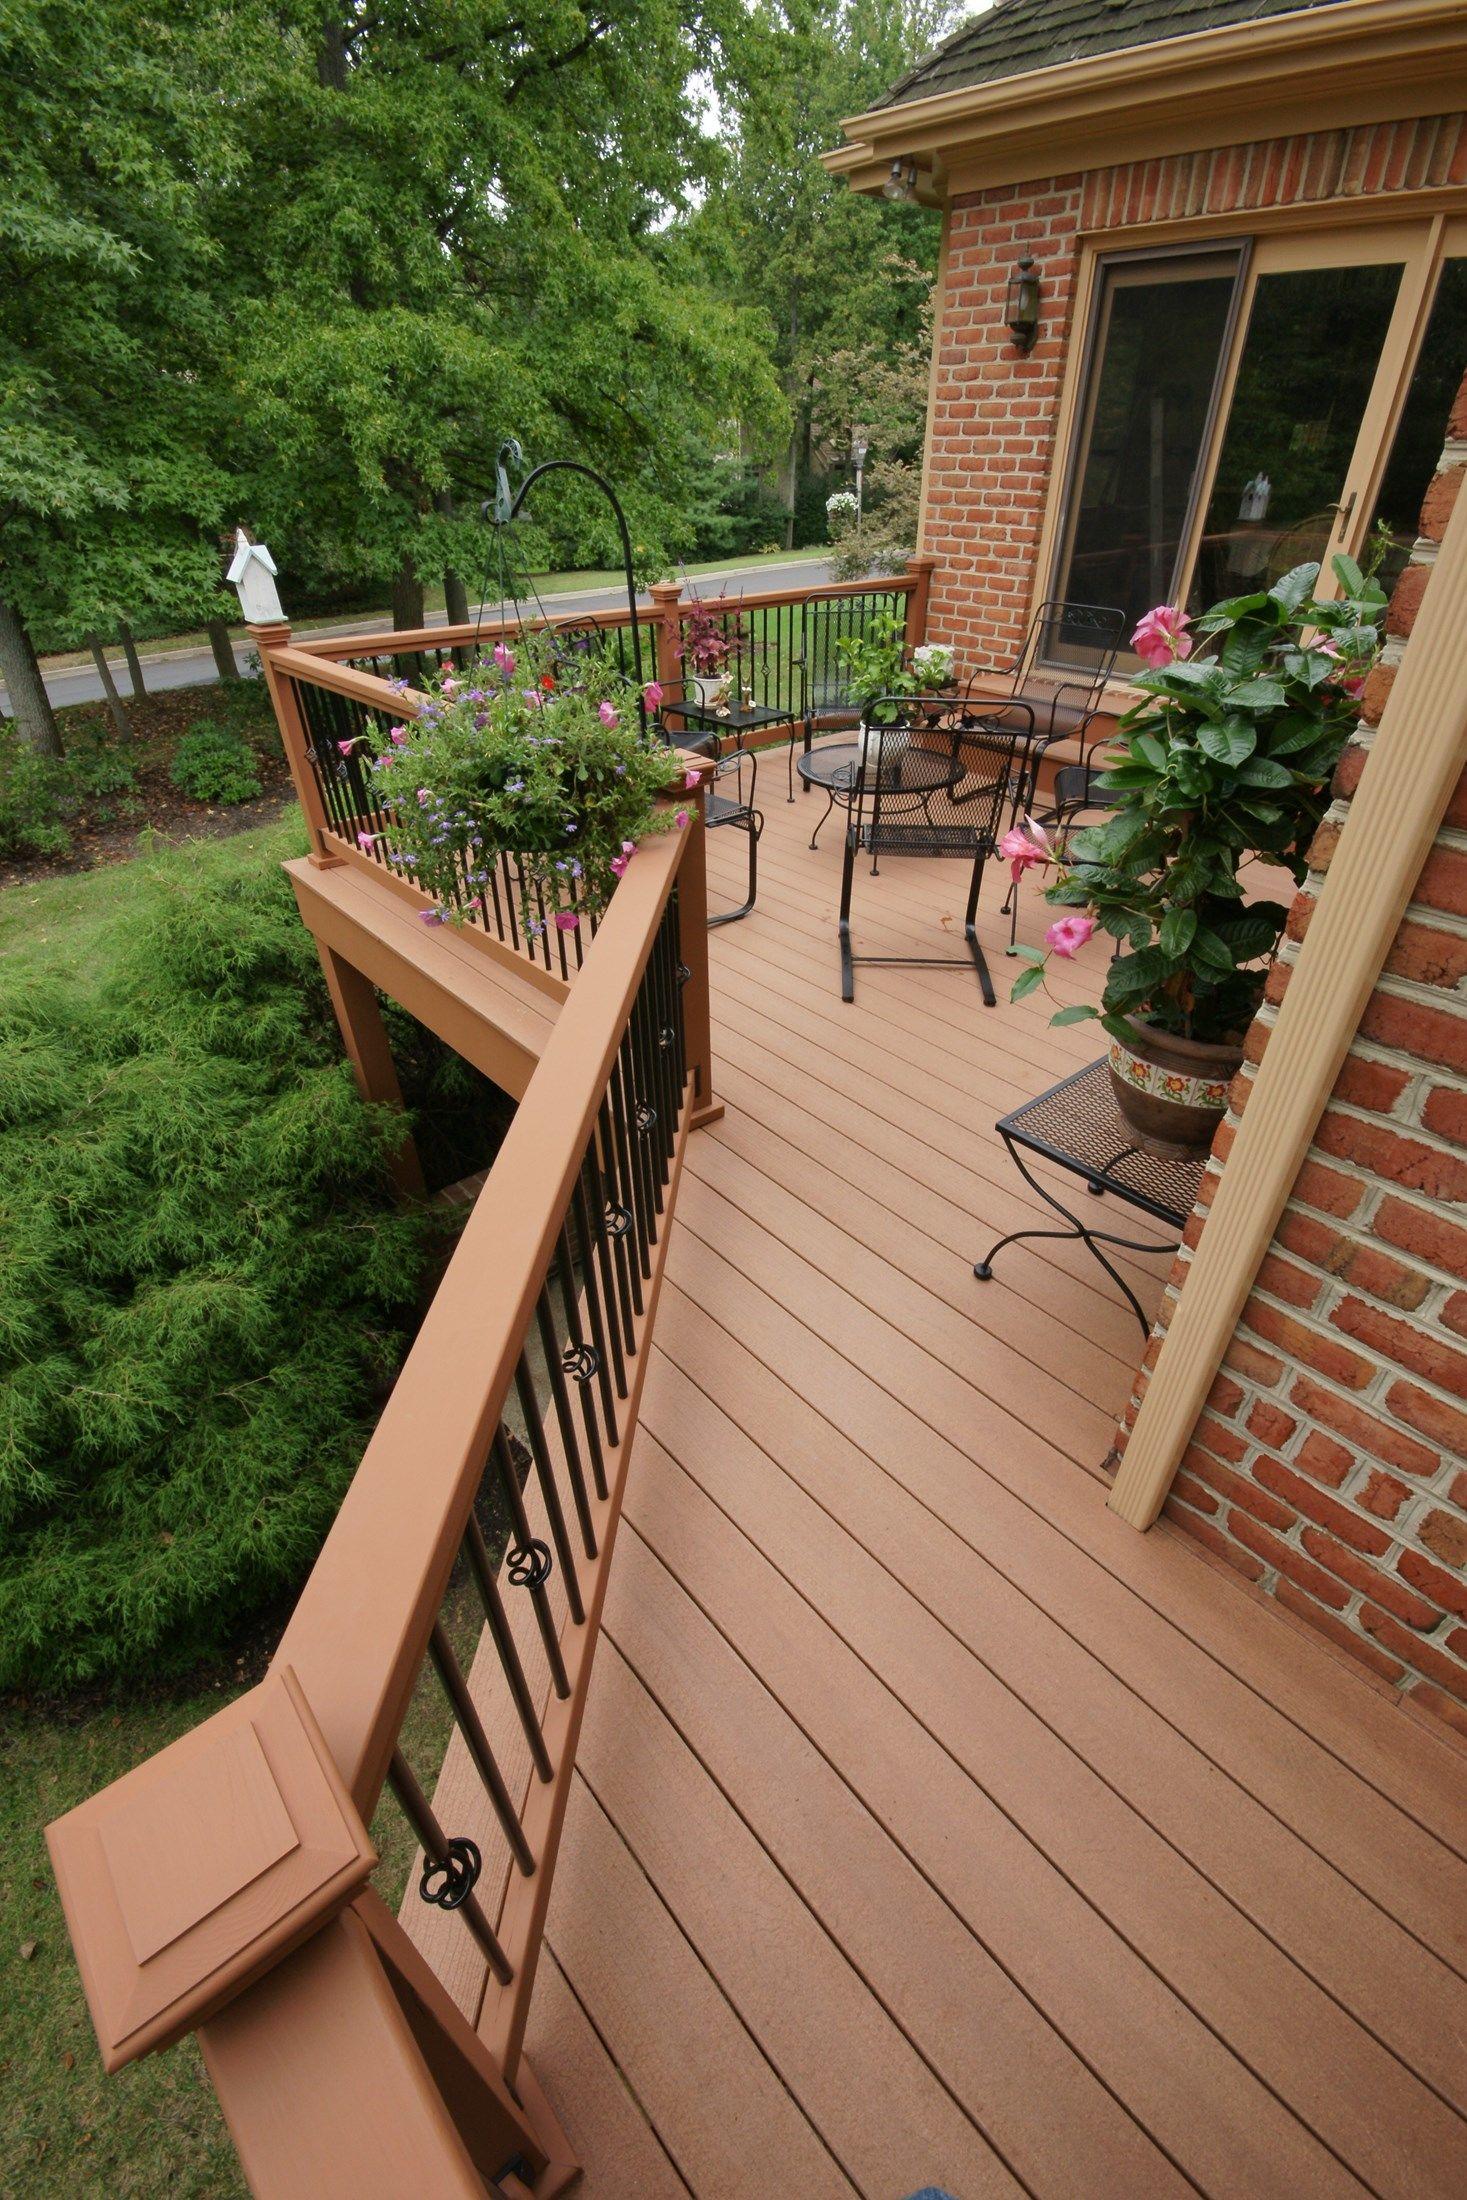 South River Cedar deck - Picture 1508